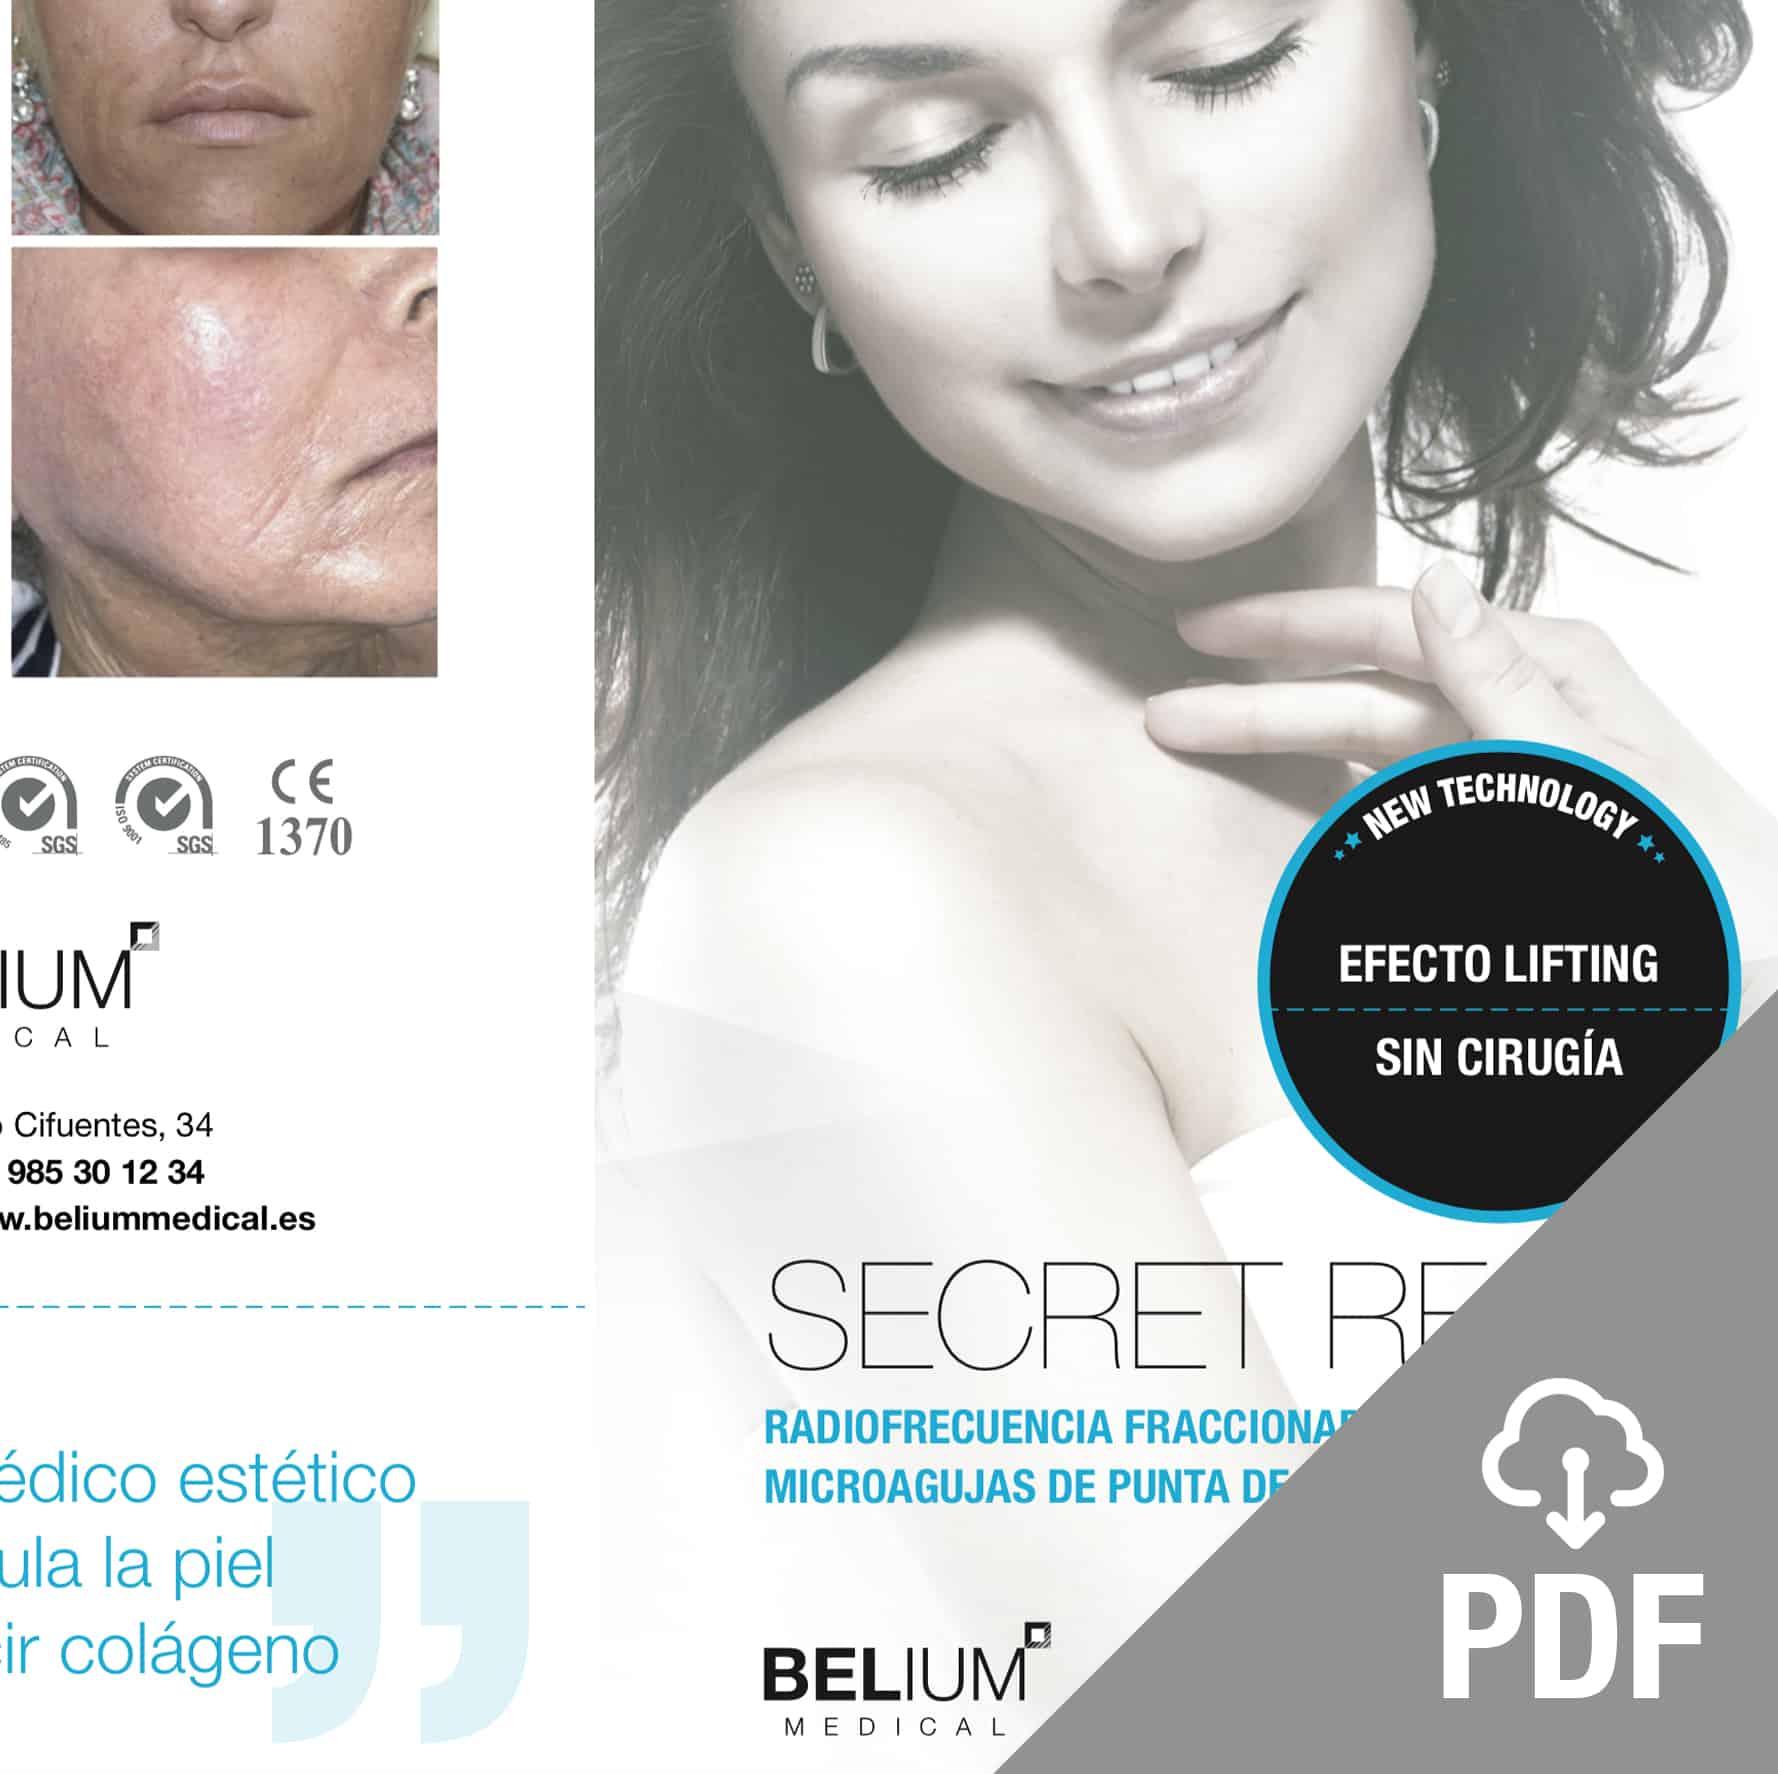 secret PDF radiofrecuencia fraccionada microagujas punta de oro de belium medical FDA para acne, cicatrices, rejuvenecimiento, colágeno